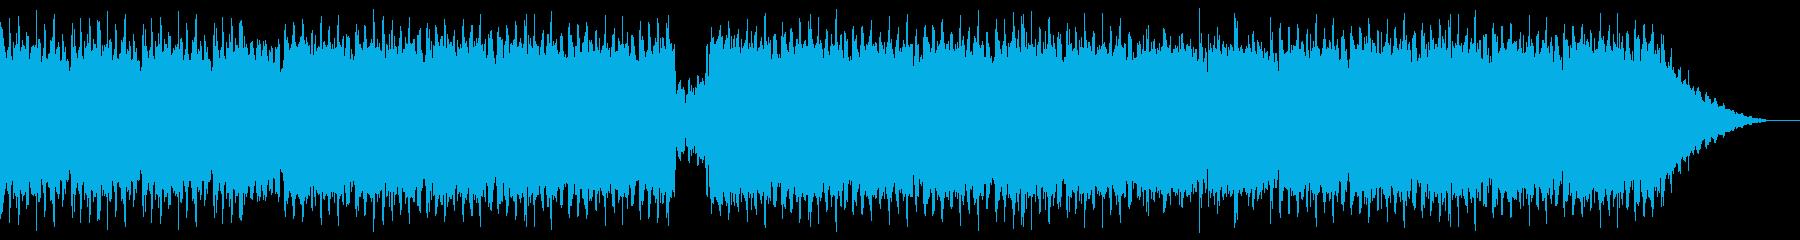 ダークなダンスの再生済みの波形